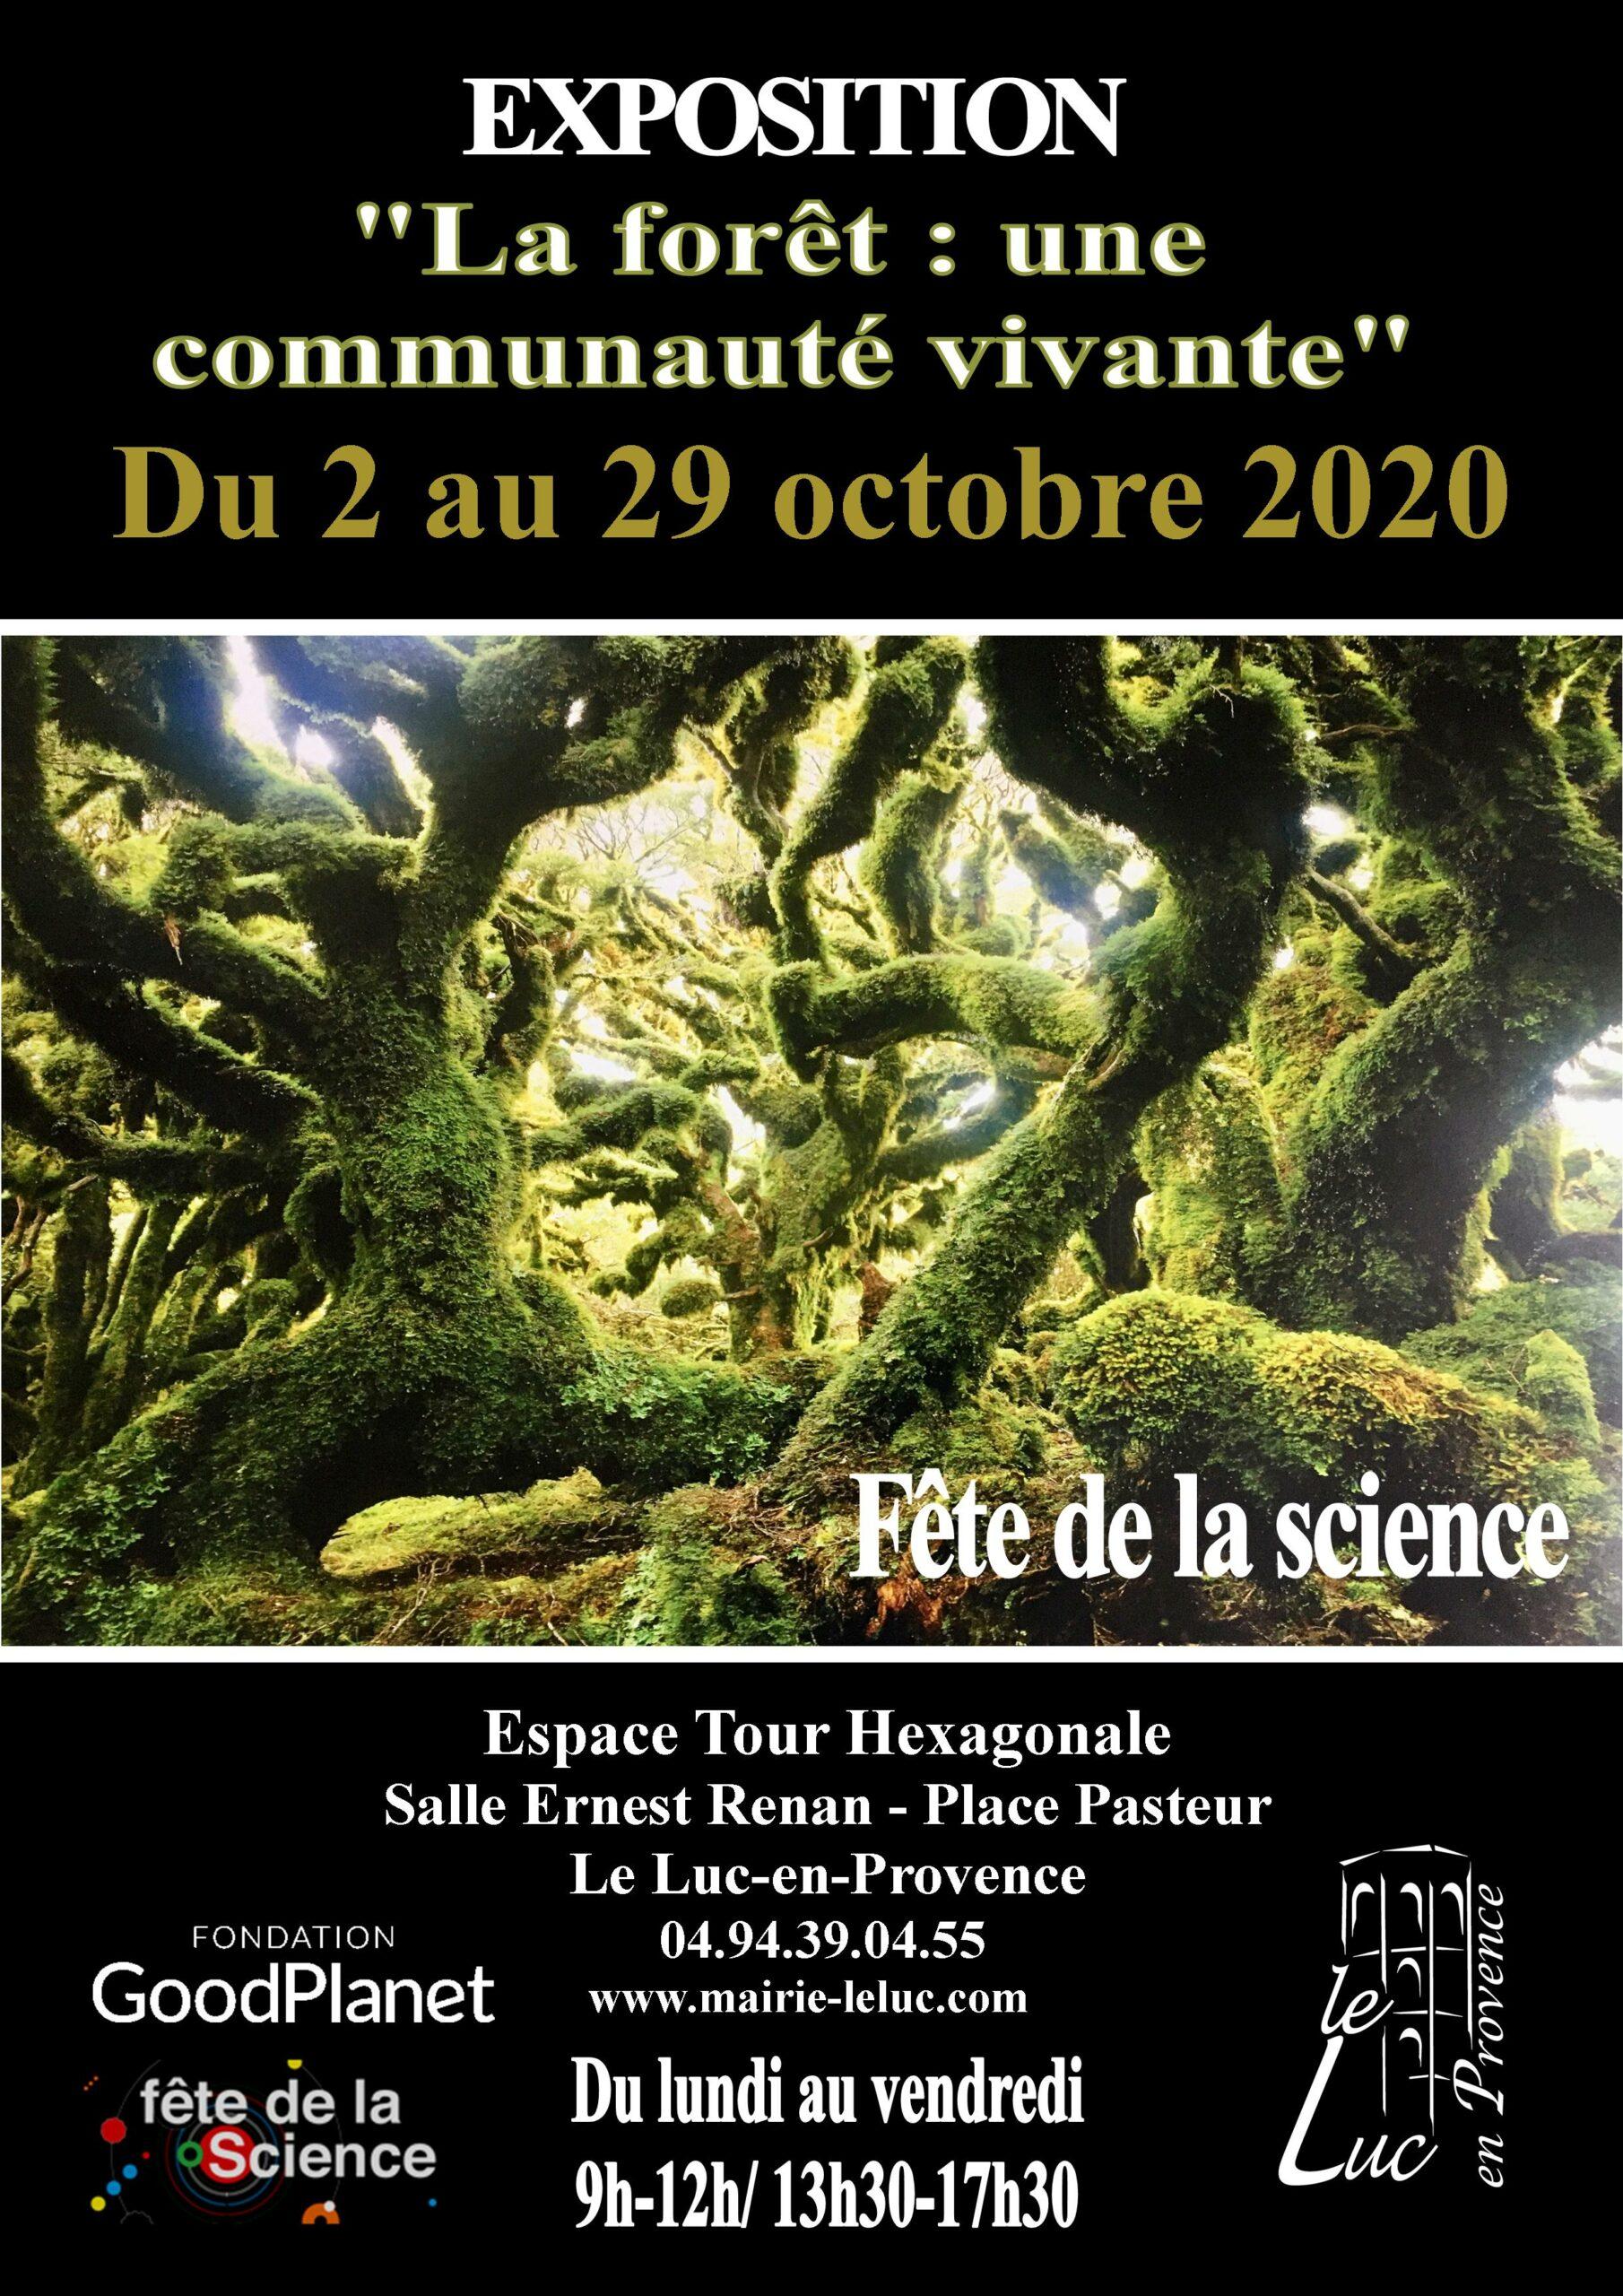 Jusqu'au 29 octobre, Exposition «La forêt une communauté vivante »